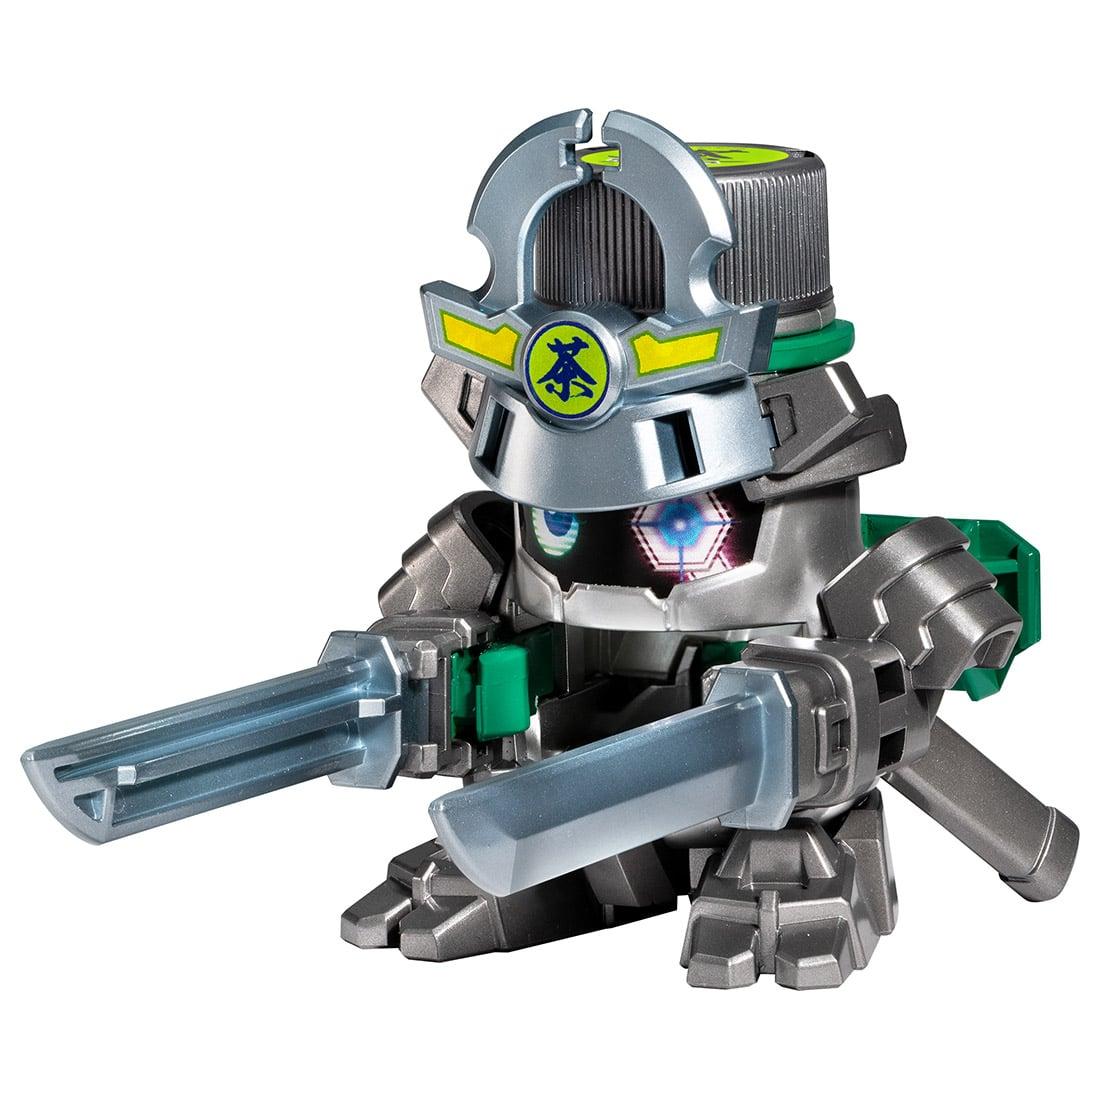 キャップ革命 ボトルマン『BOT-14 ギョクロック鋼』おもちゃ-002